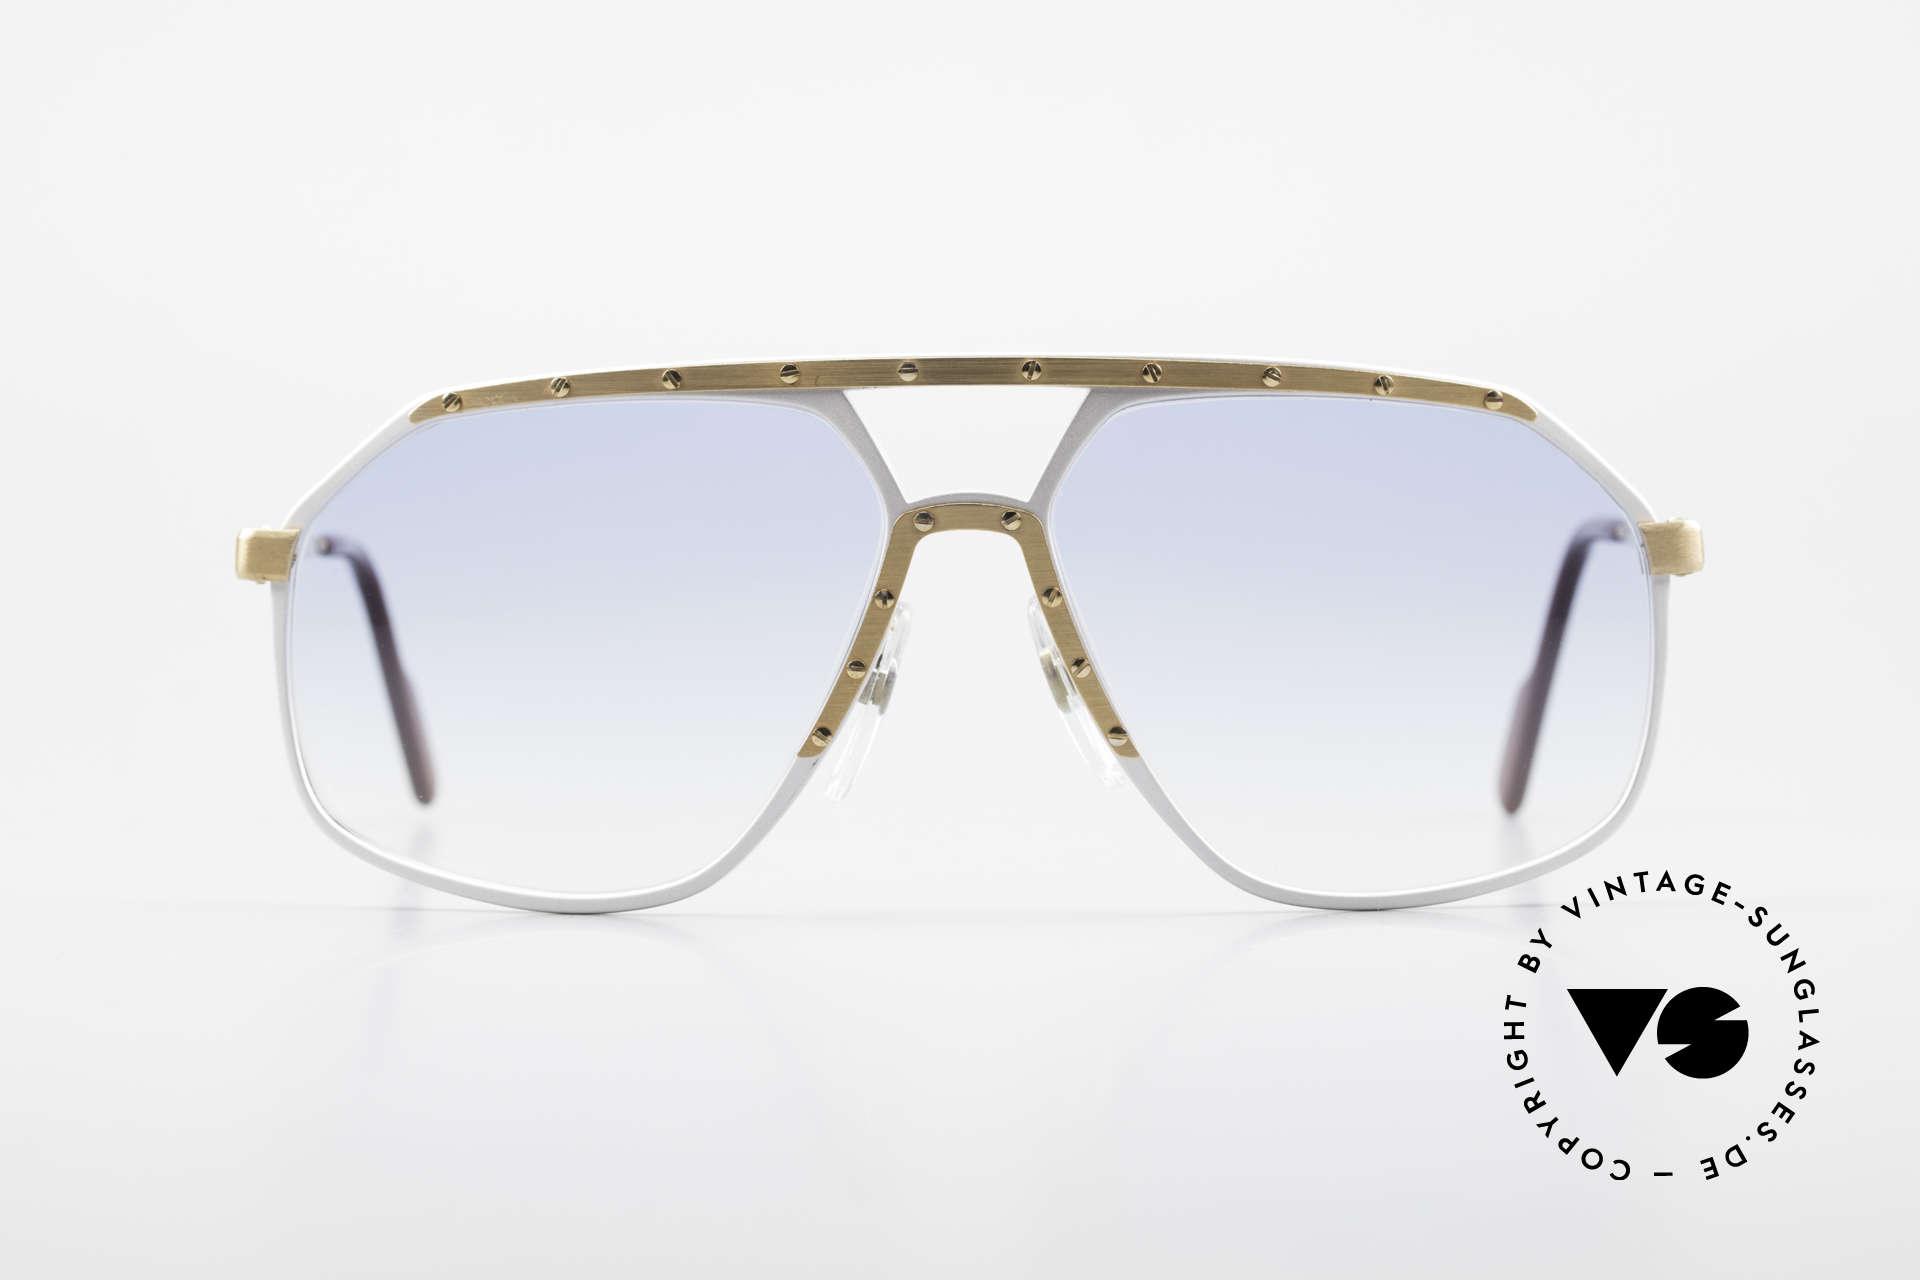 Alpina M6 80er Sonnenbrillen Klassiker, ein kostbares 80er ORIGINAL: Sammlersonnenbrille, Passend für Herren